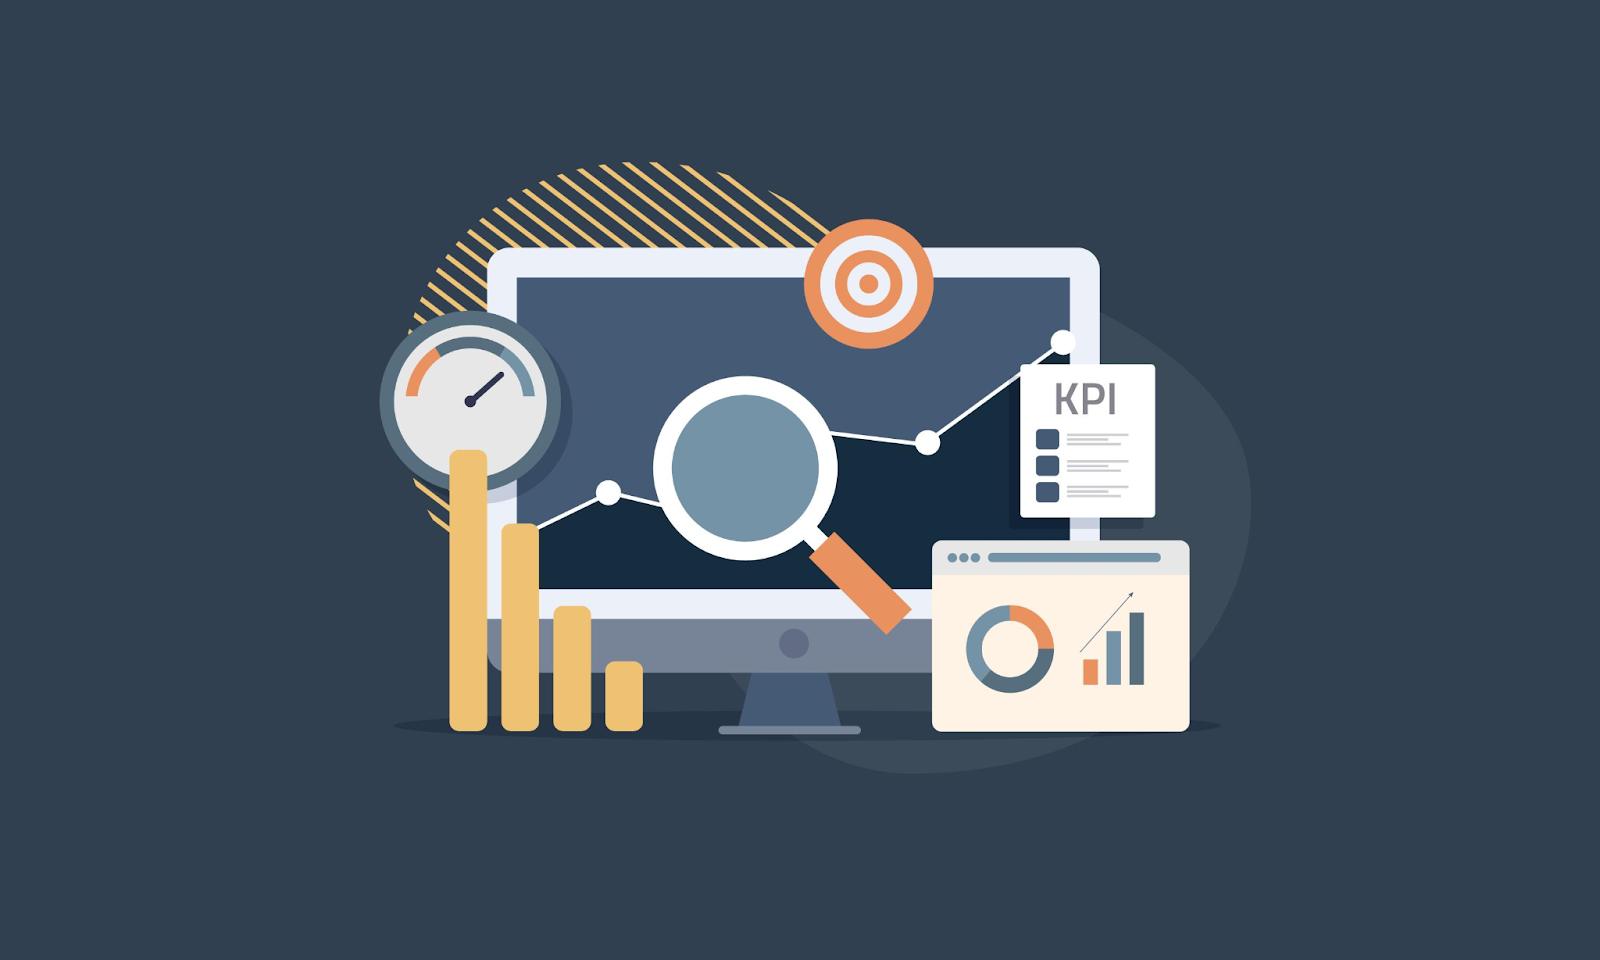 imagen KPI en marketing